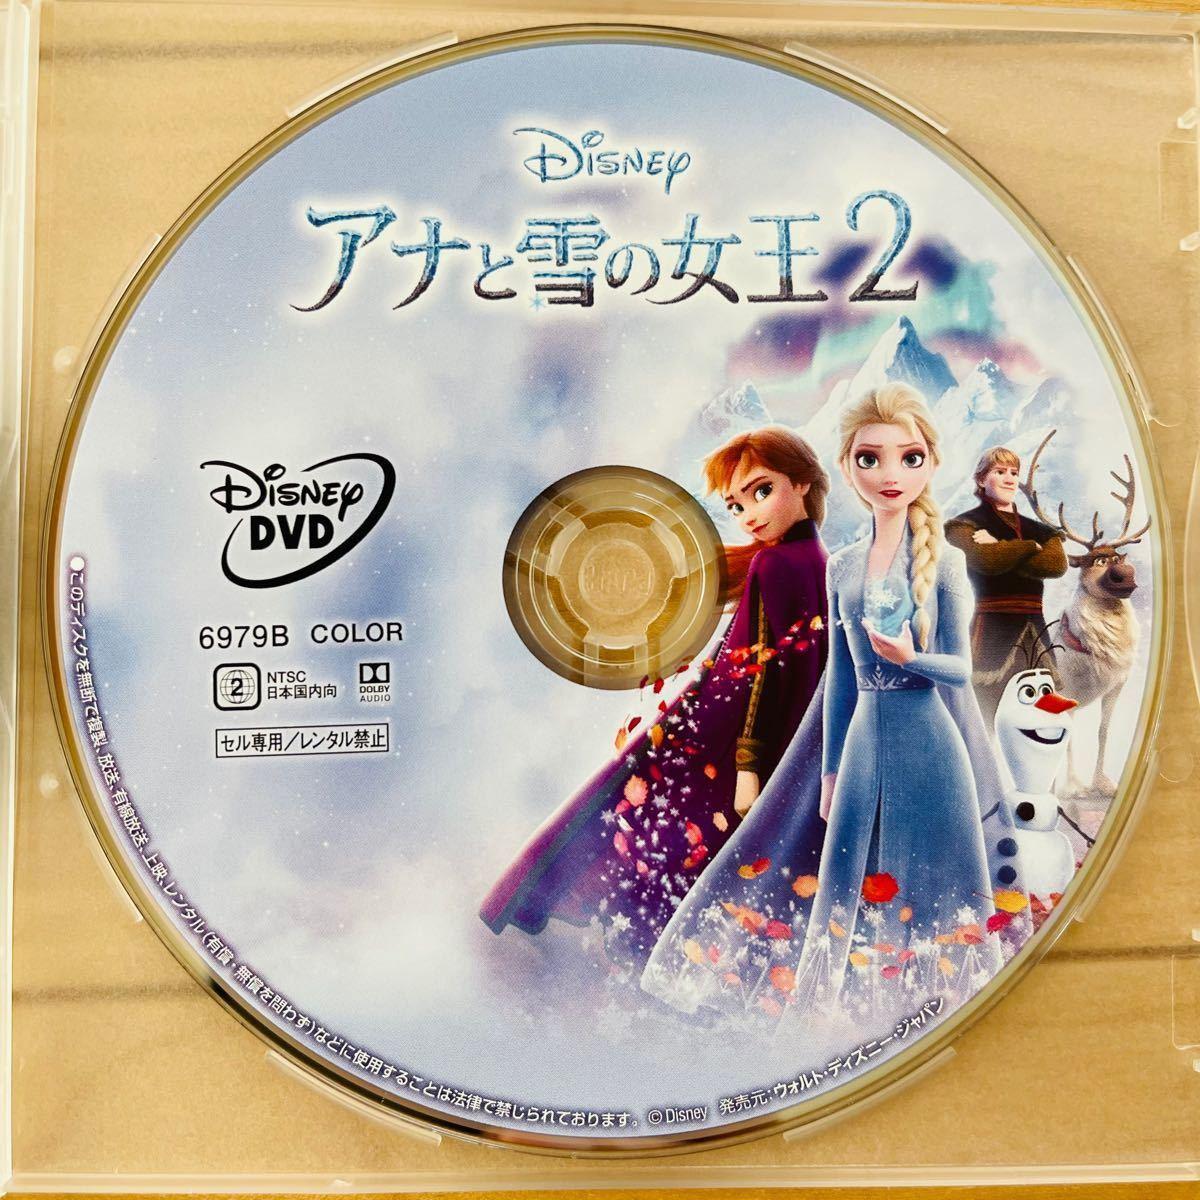 【DVD2枚セット】トイストーリー4、アナと雪の女王2 未使用 ディズニープリンセス 新品未再生 MOVIENEX